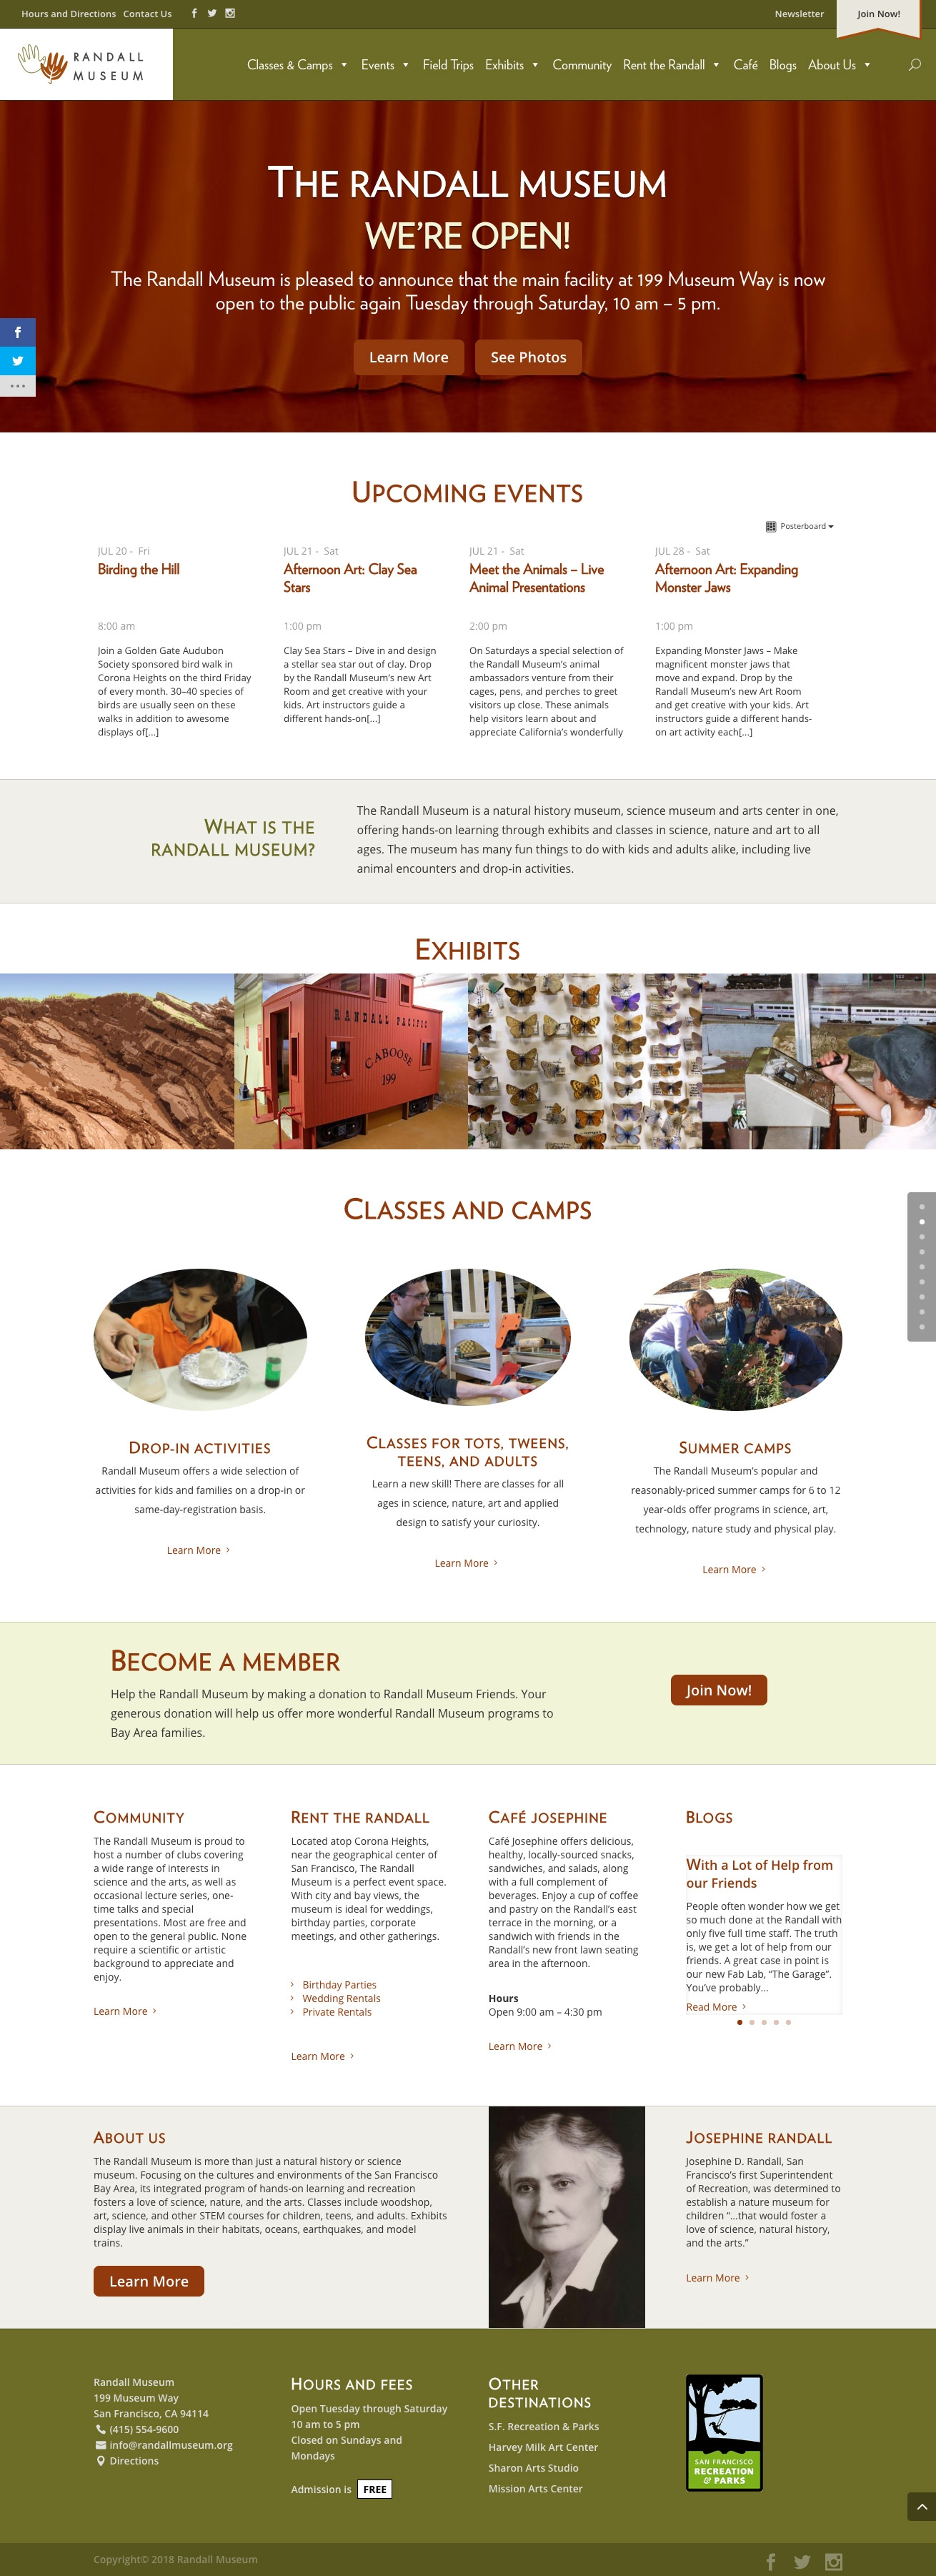 randallmuseum-org-homepage